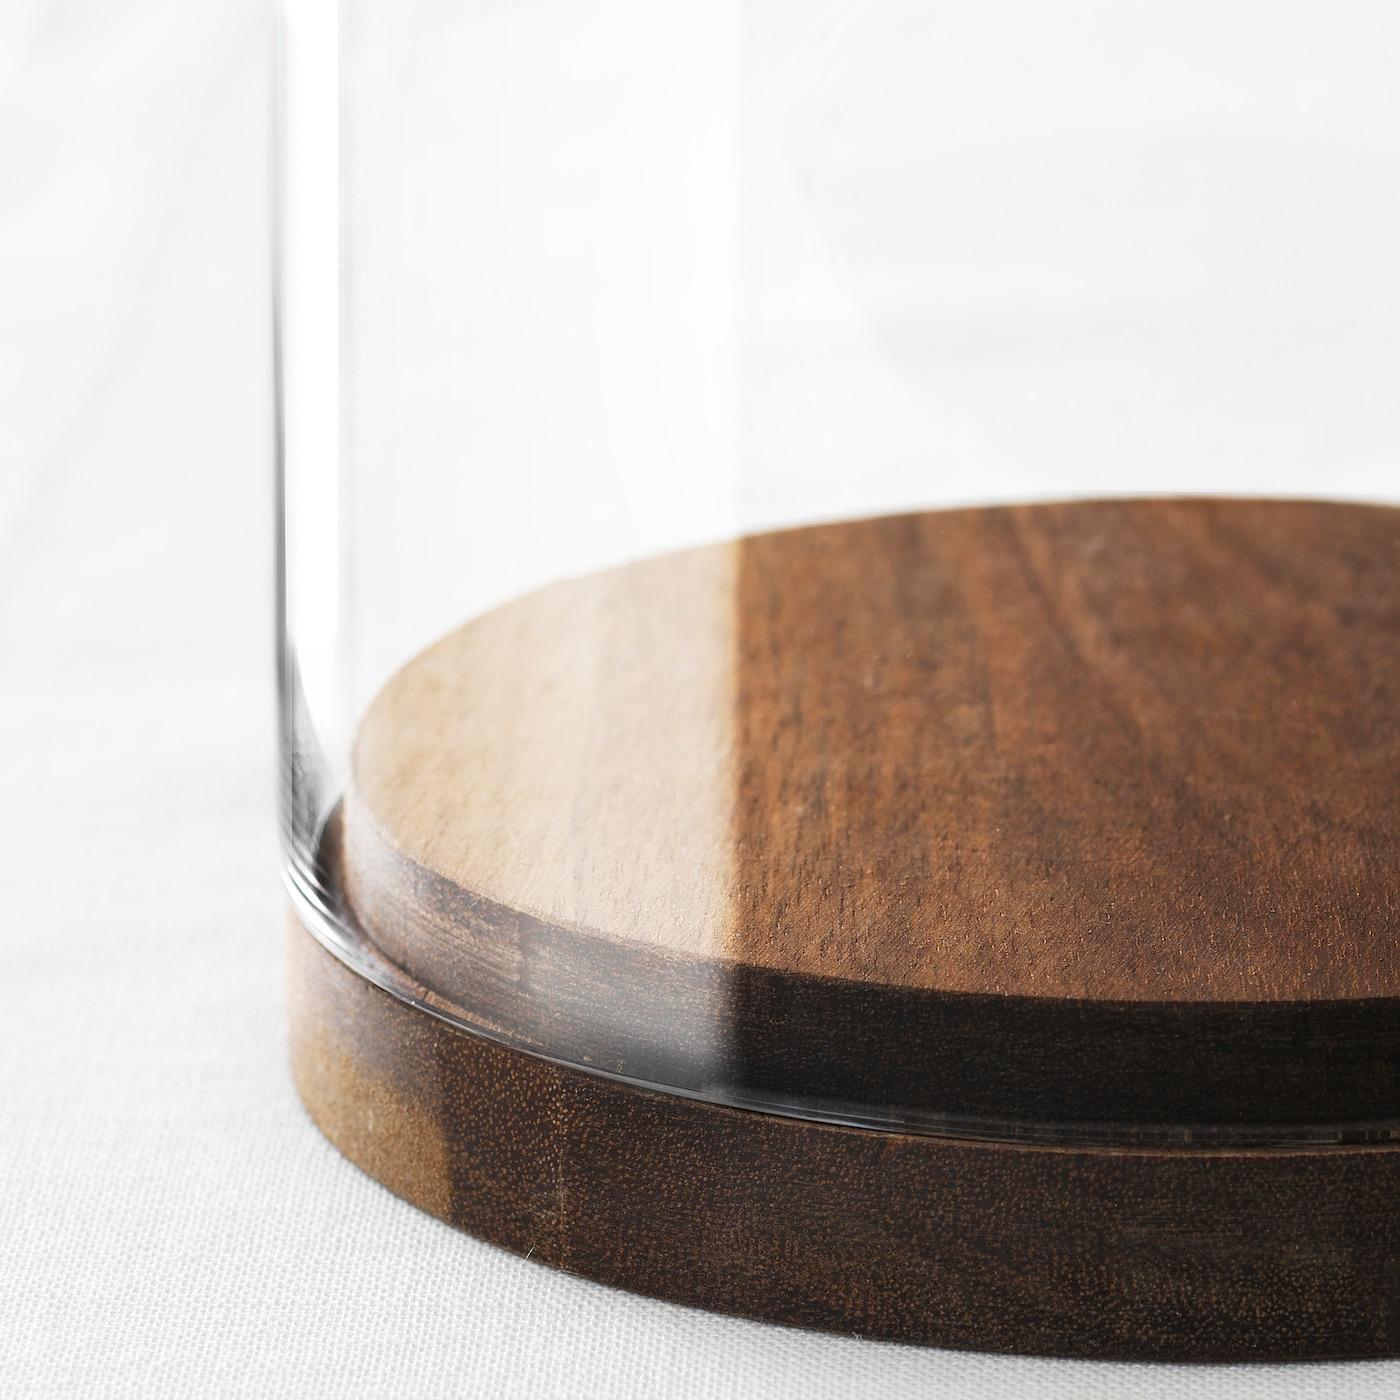 Ikea begavning campana de cristal con platos; 19cm decoración